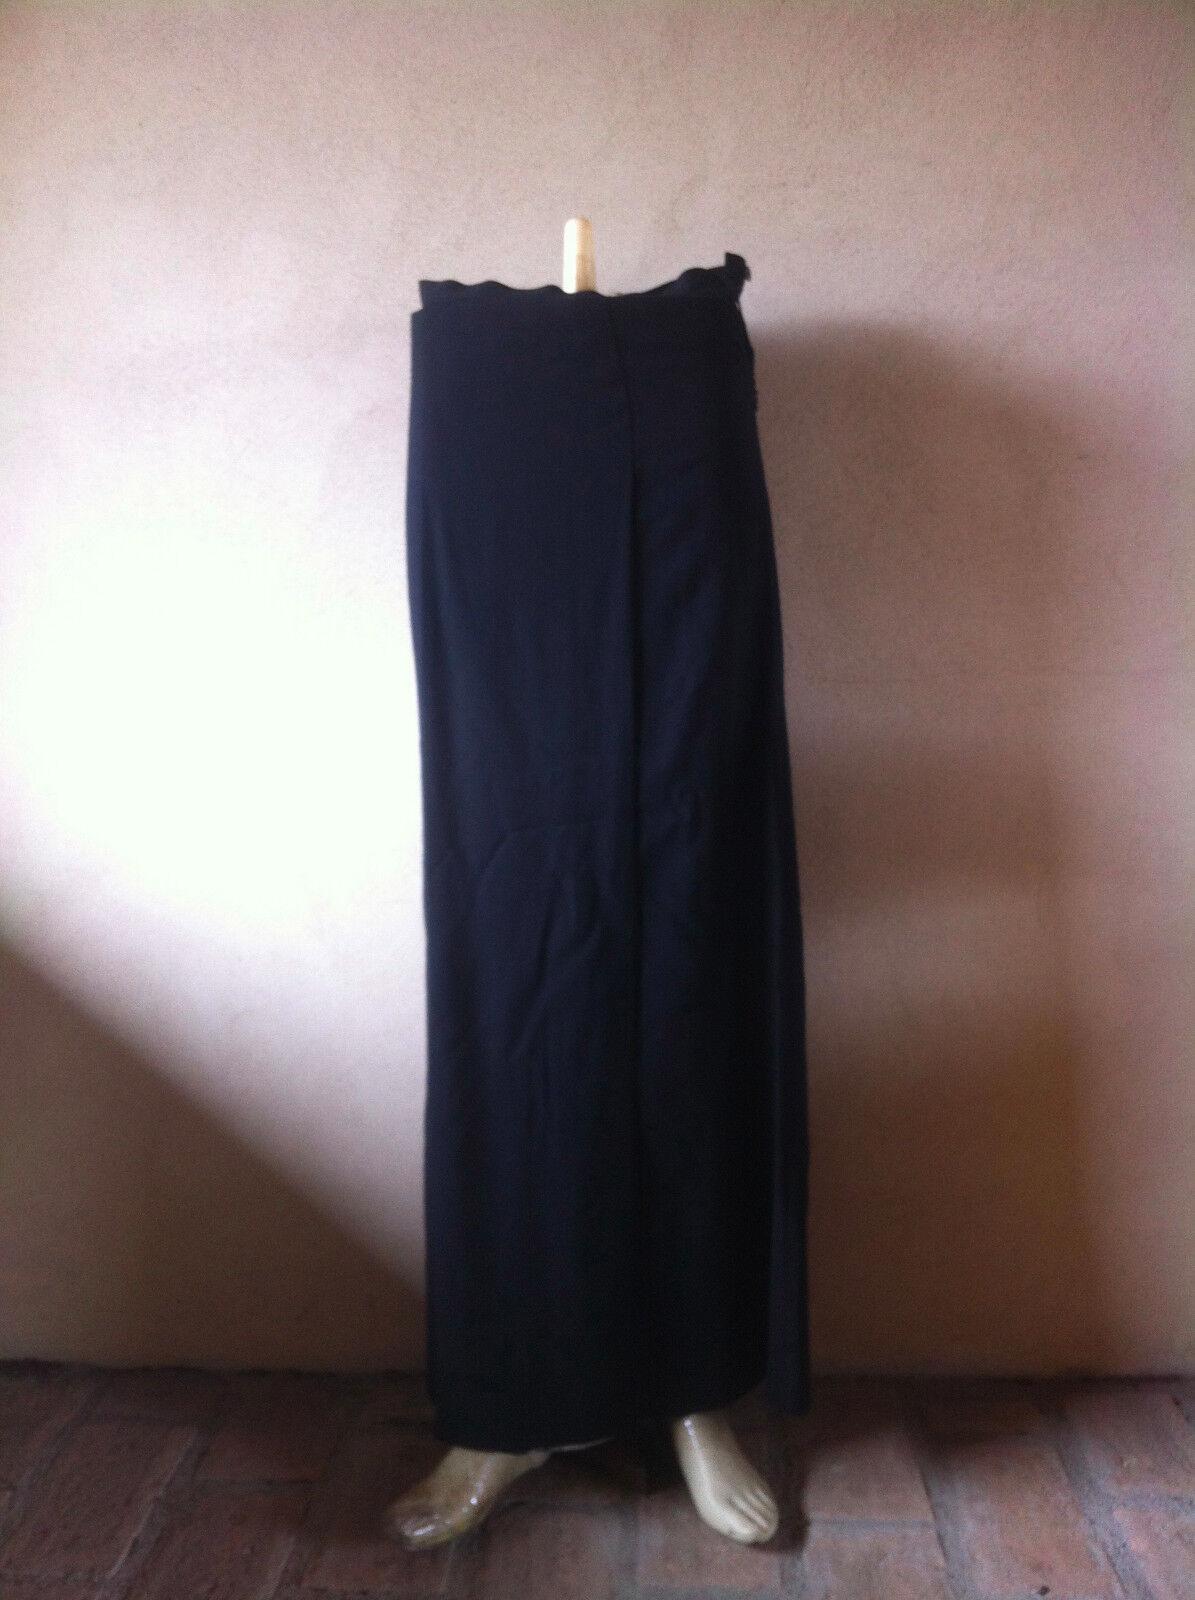 Kenzo gonna lunga longuette nera donna skirt tg 40 fresco fresco fresco lana interno viscosa b632d9